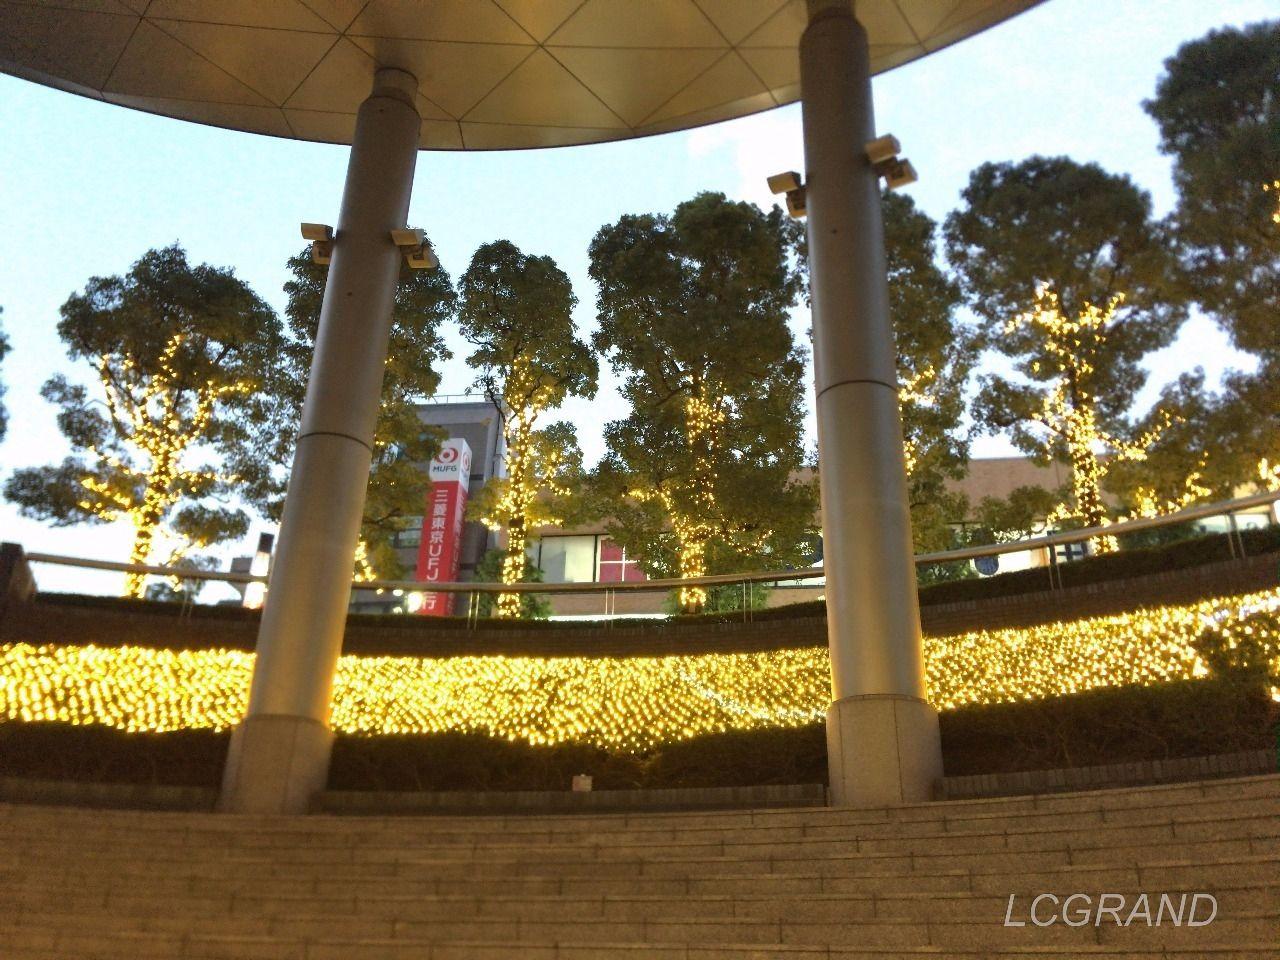 下方から用賀駅のイルミネーションを眺めたところ 奥には木が見られそこにもイルミネーションが飾られています。